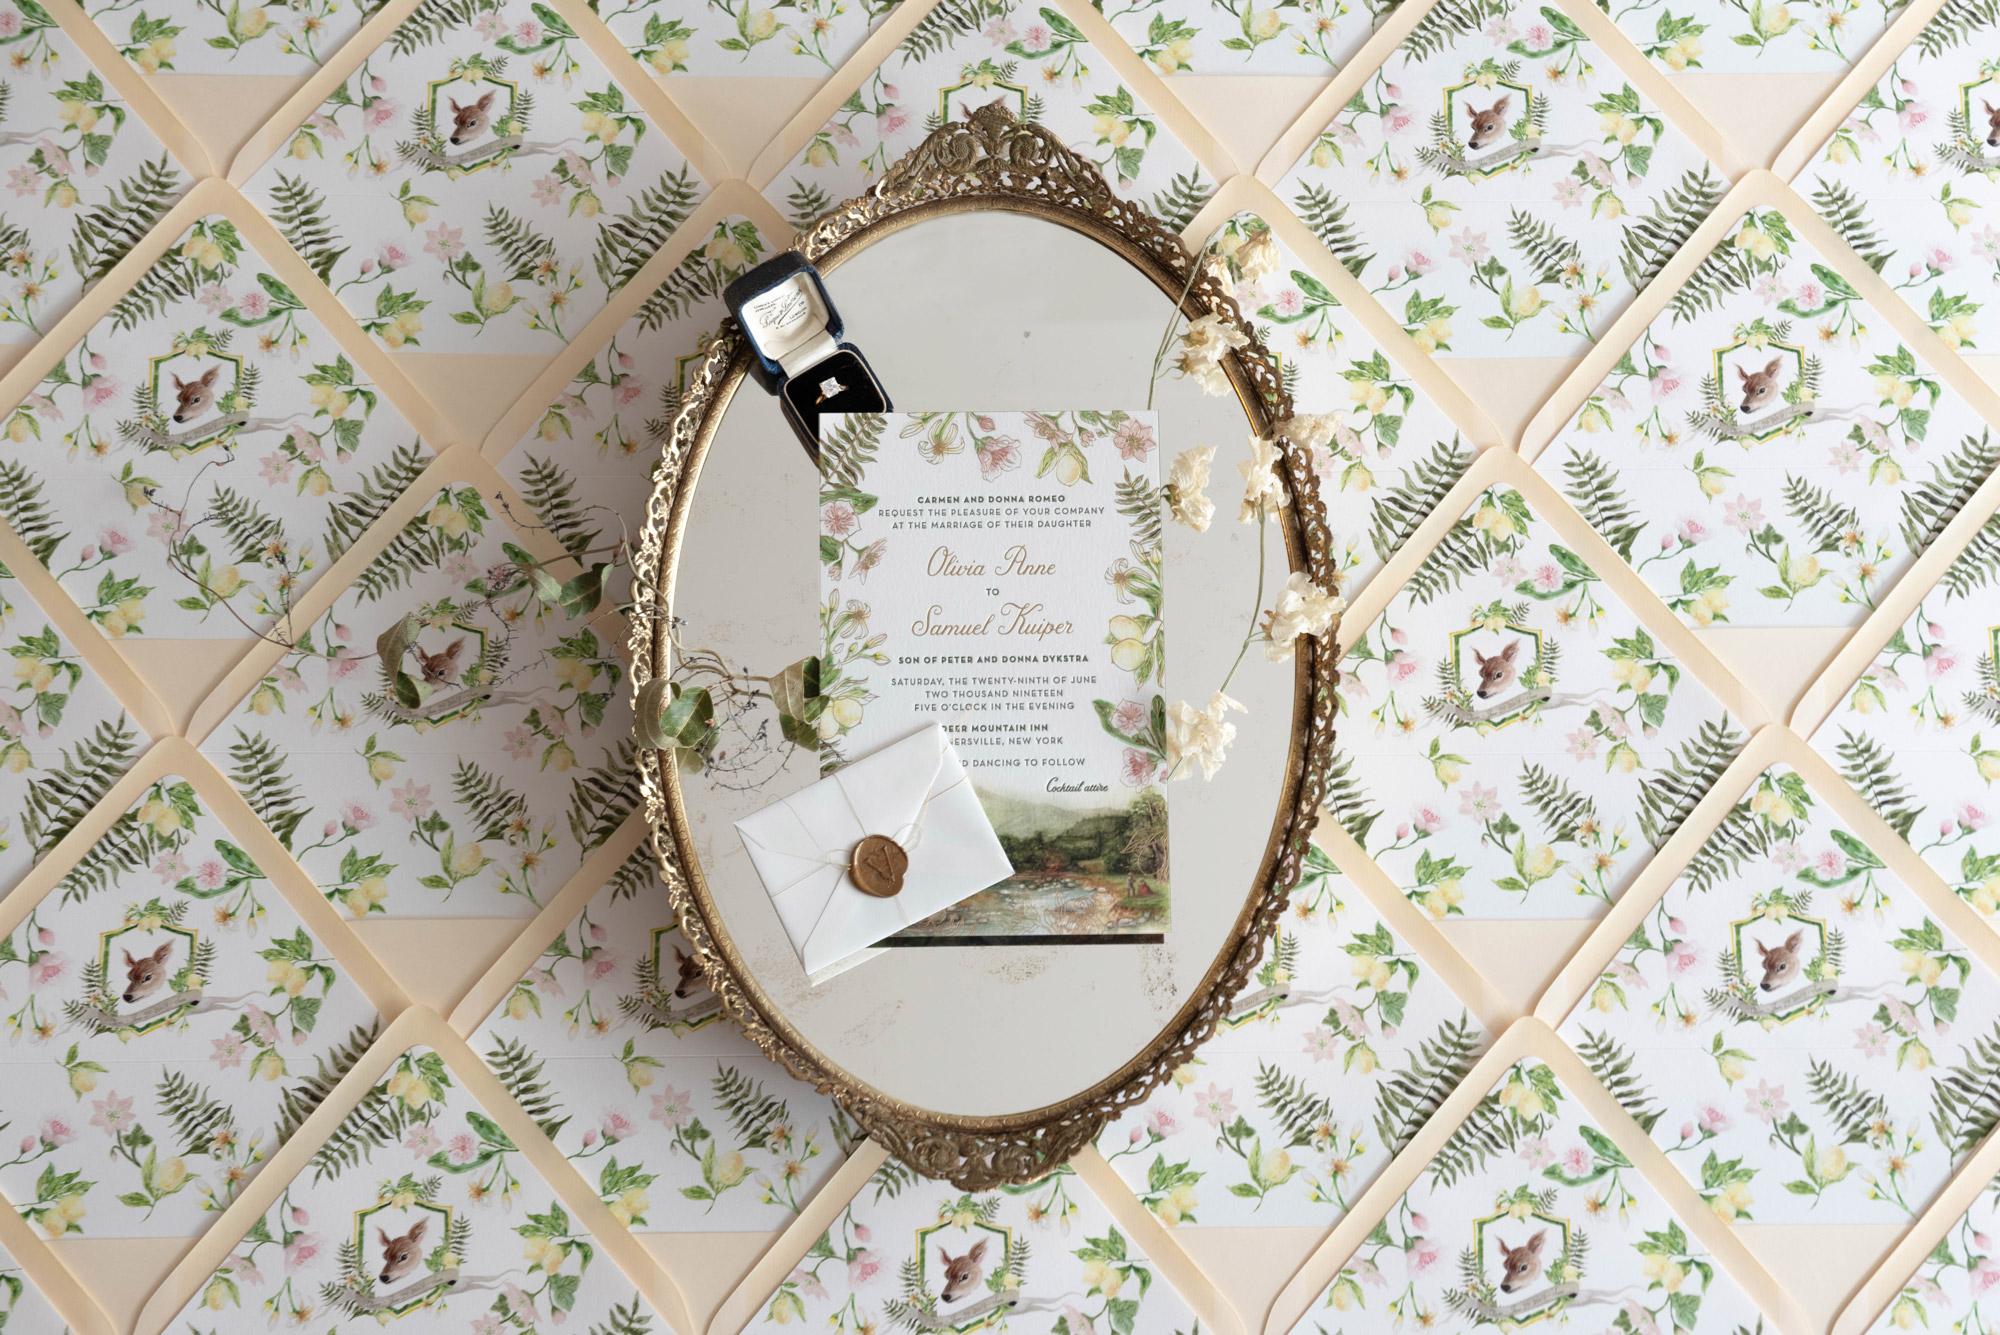 Vidhi-Dattani-Deer-Floral-envelope-liner-invitation-letterpress-foil.jpg